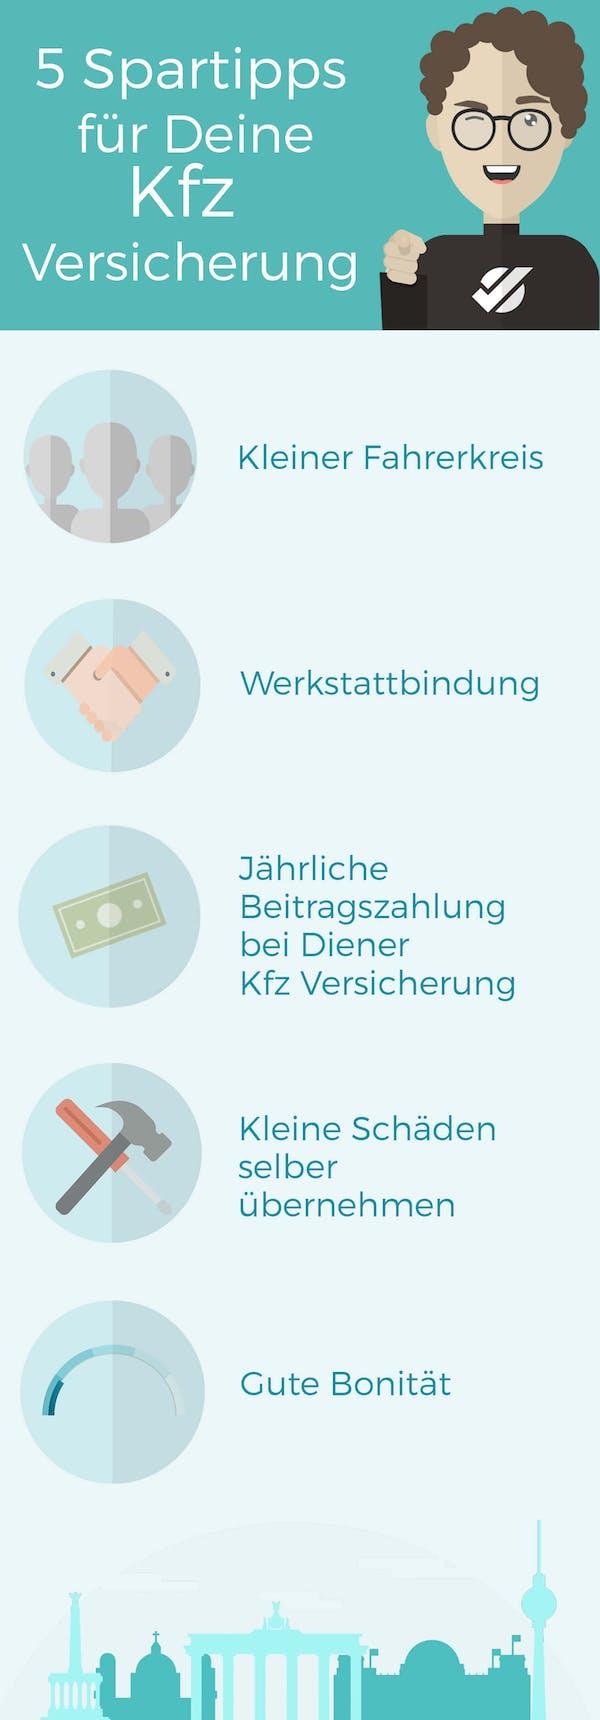 5 Spartipps KFZ Versicherung